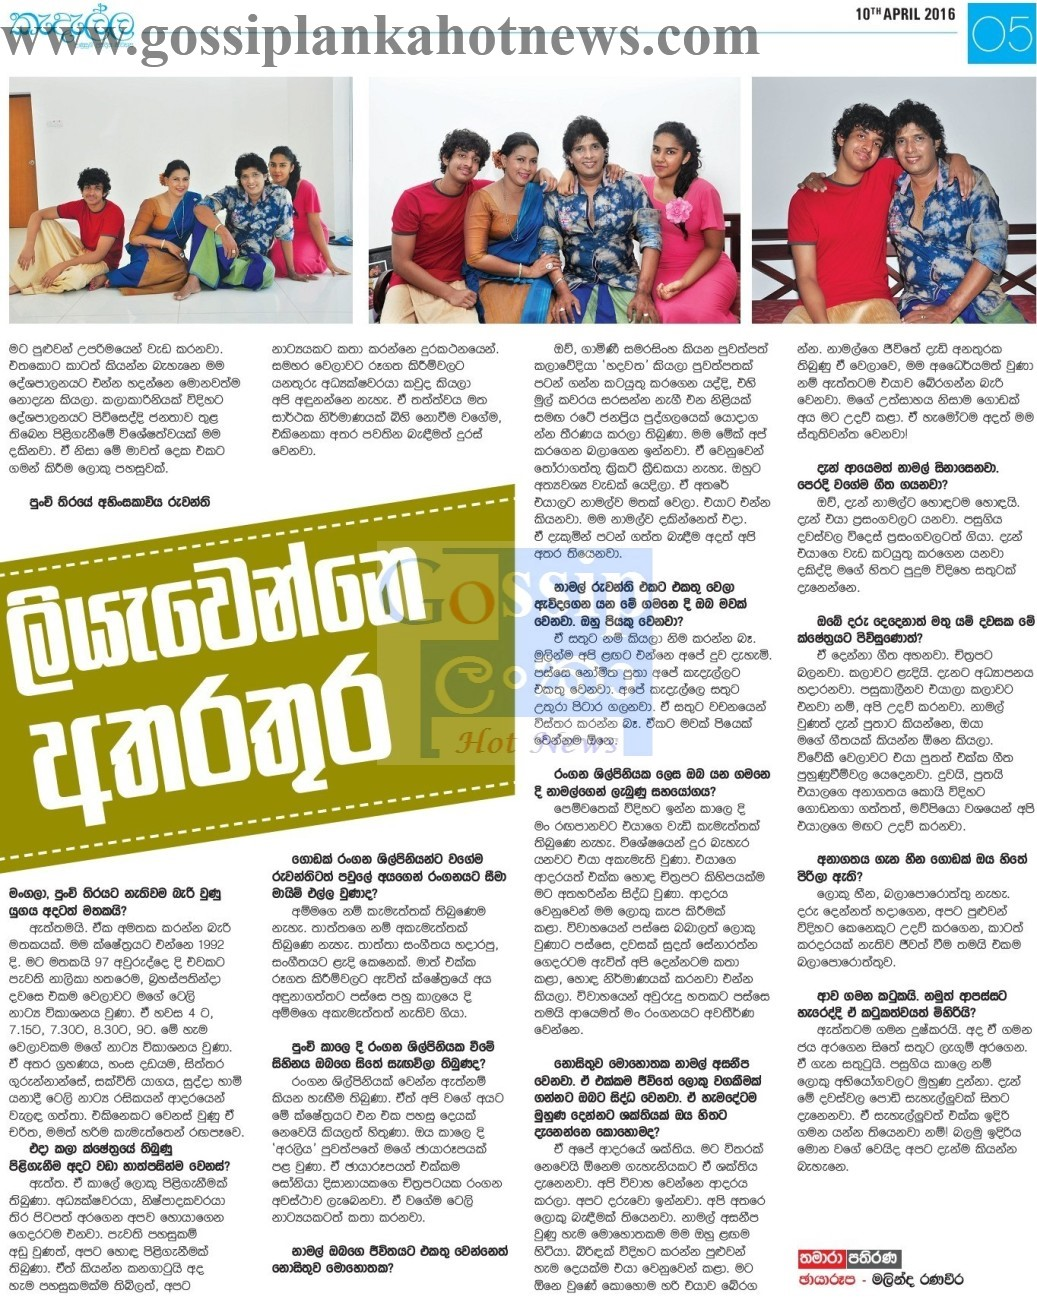 Ruwanthi Mangala - Namal Udugama